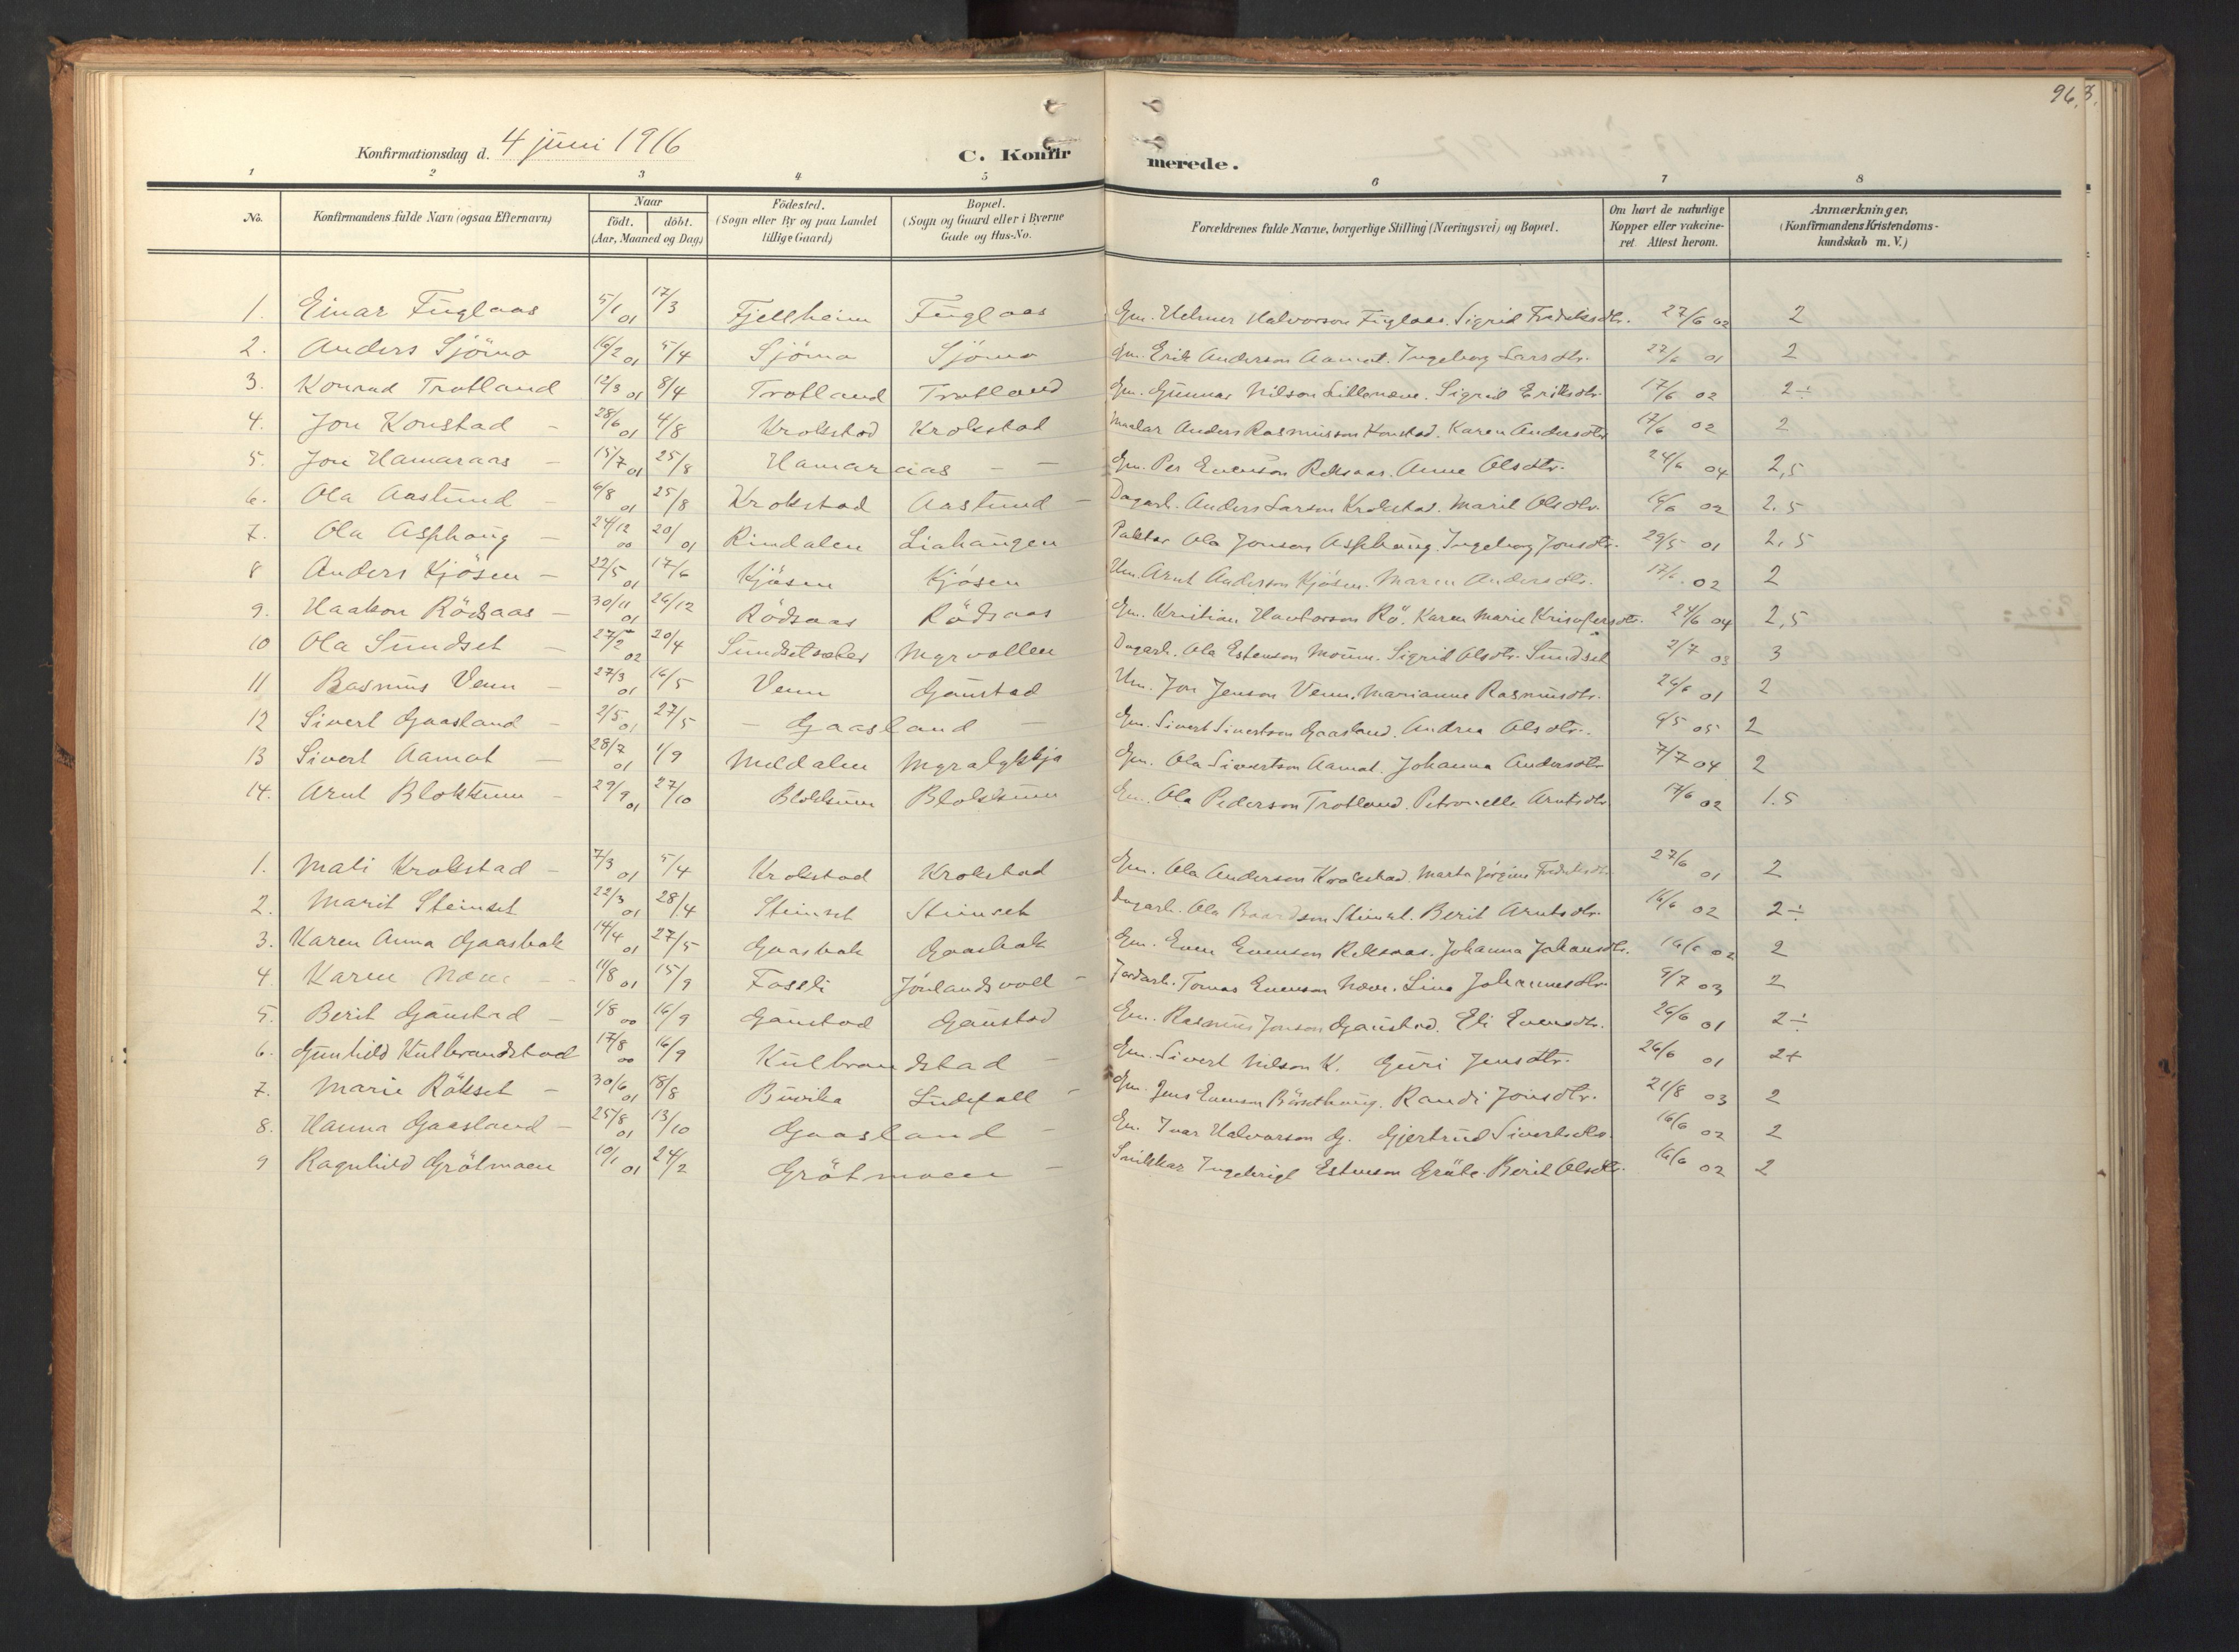 SAT, Ministerialprotokoller, klokkerbøker og fødselsregistre - Sør-Trøndelag, 694/L1128: Ministerialbok nr. 694A02, 1906-1931, s. 96